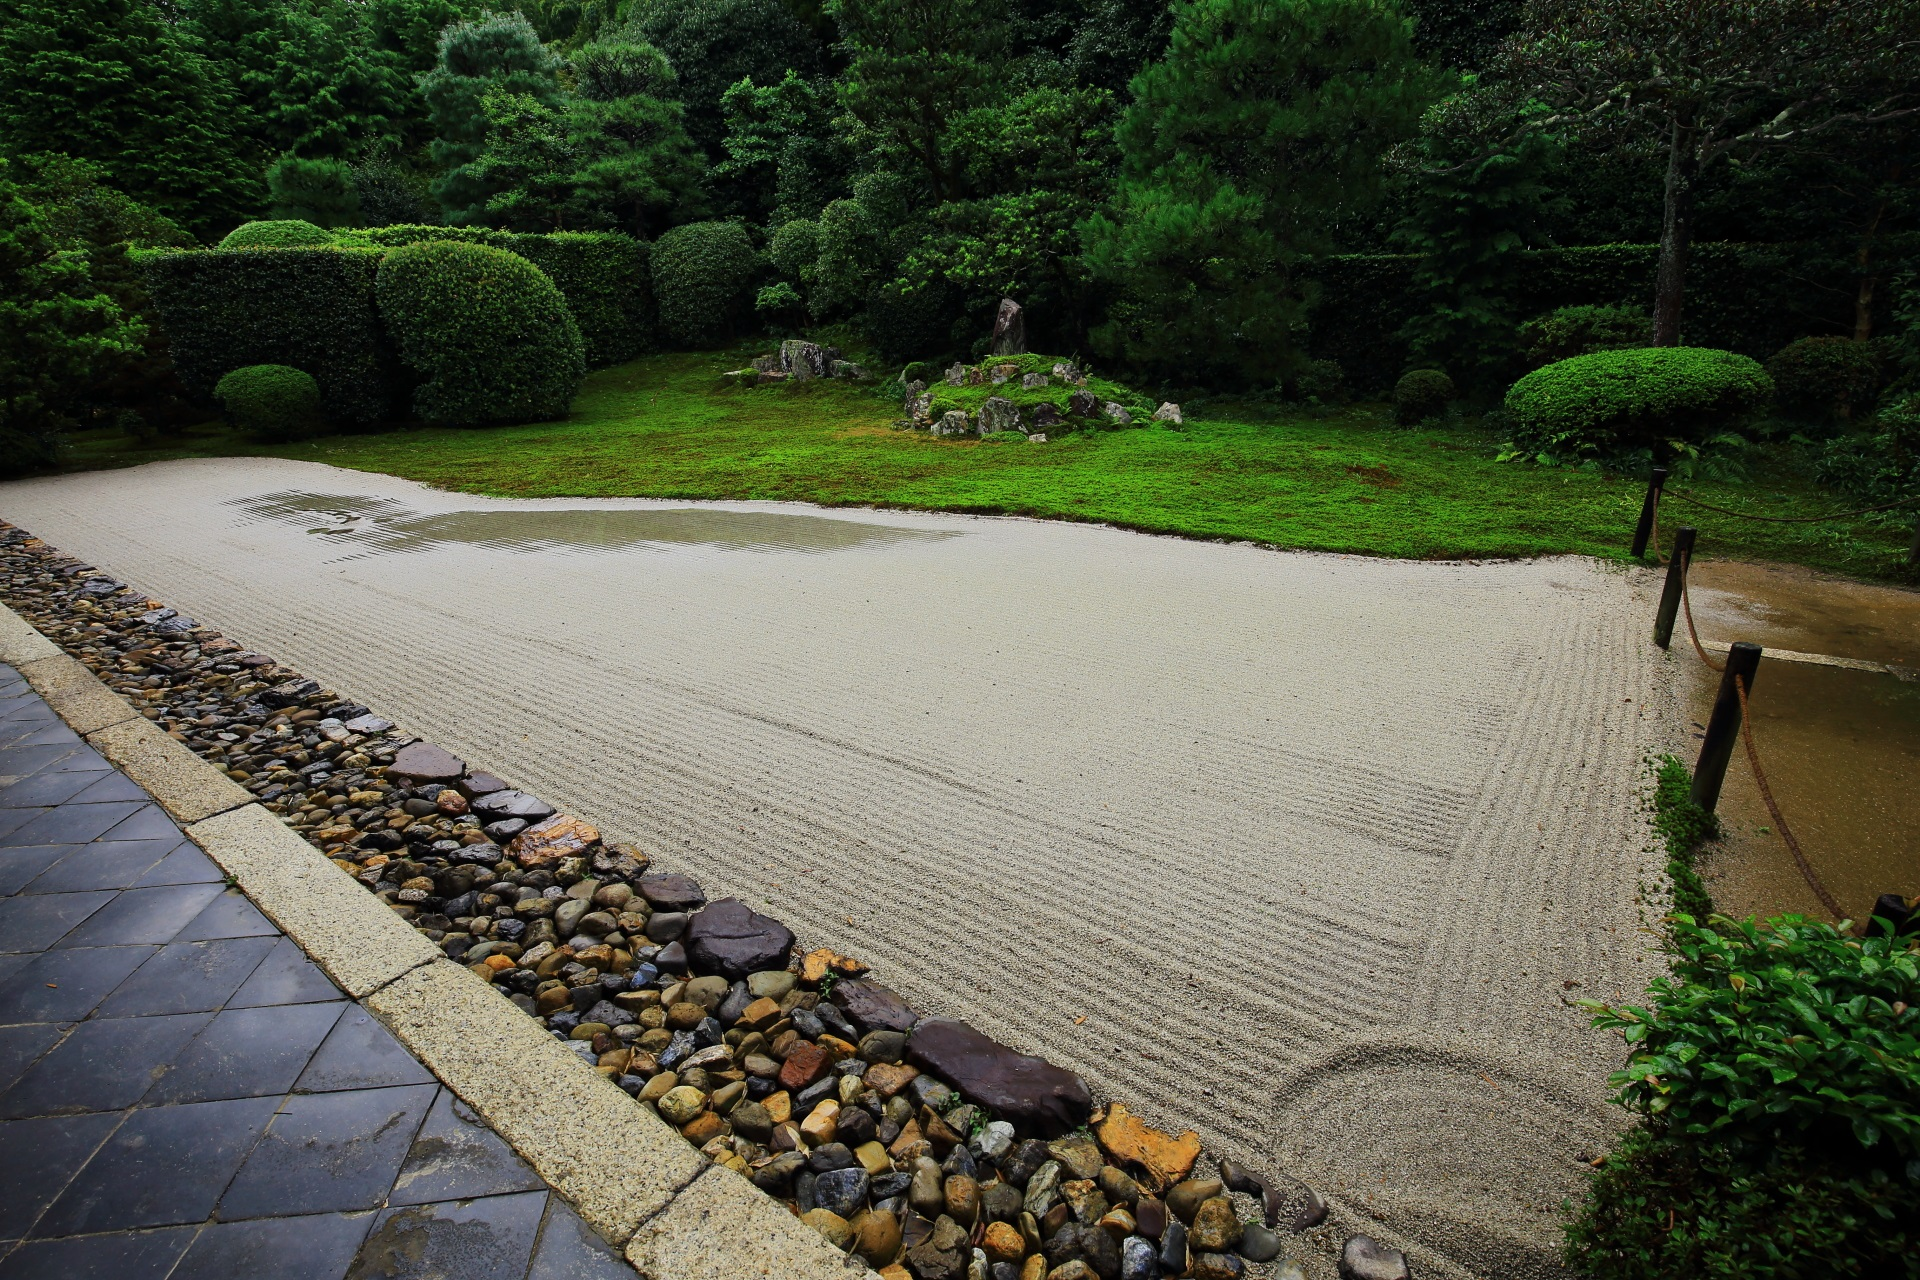 白砂と苔の芬陀院の枯山水庭園